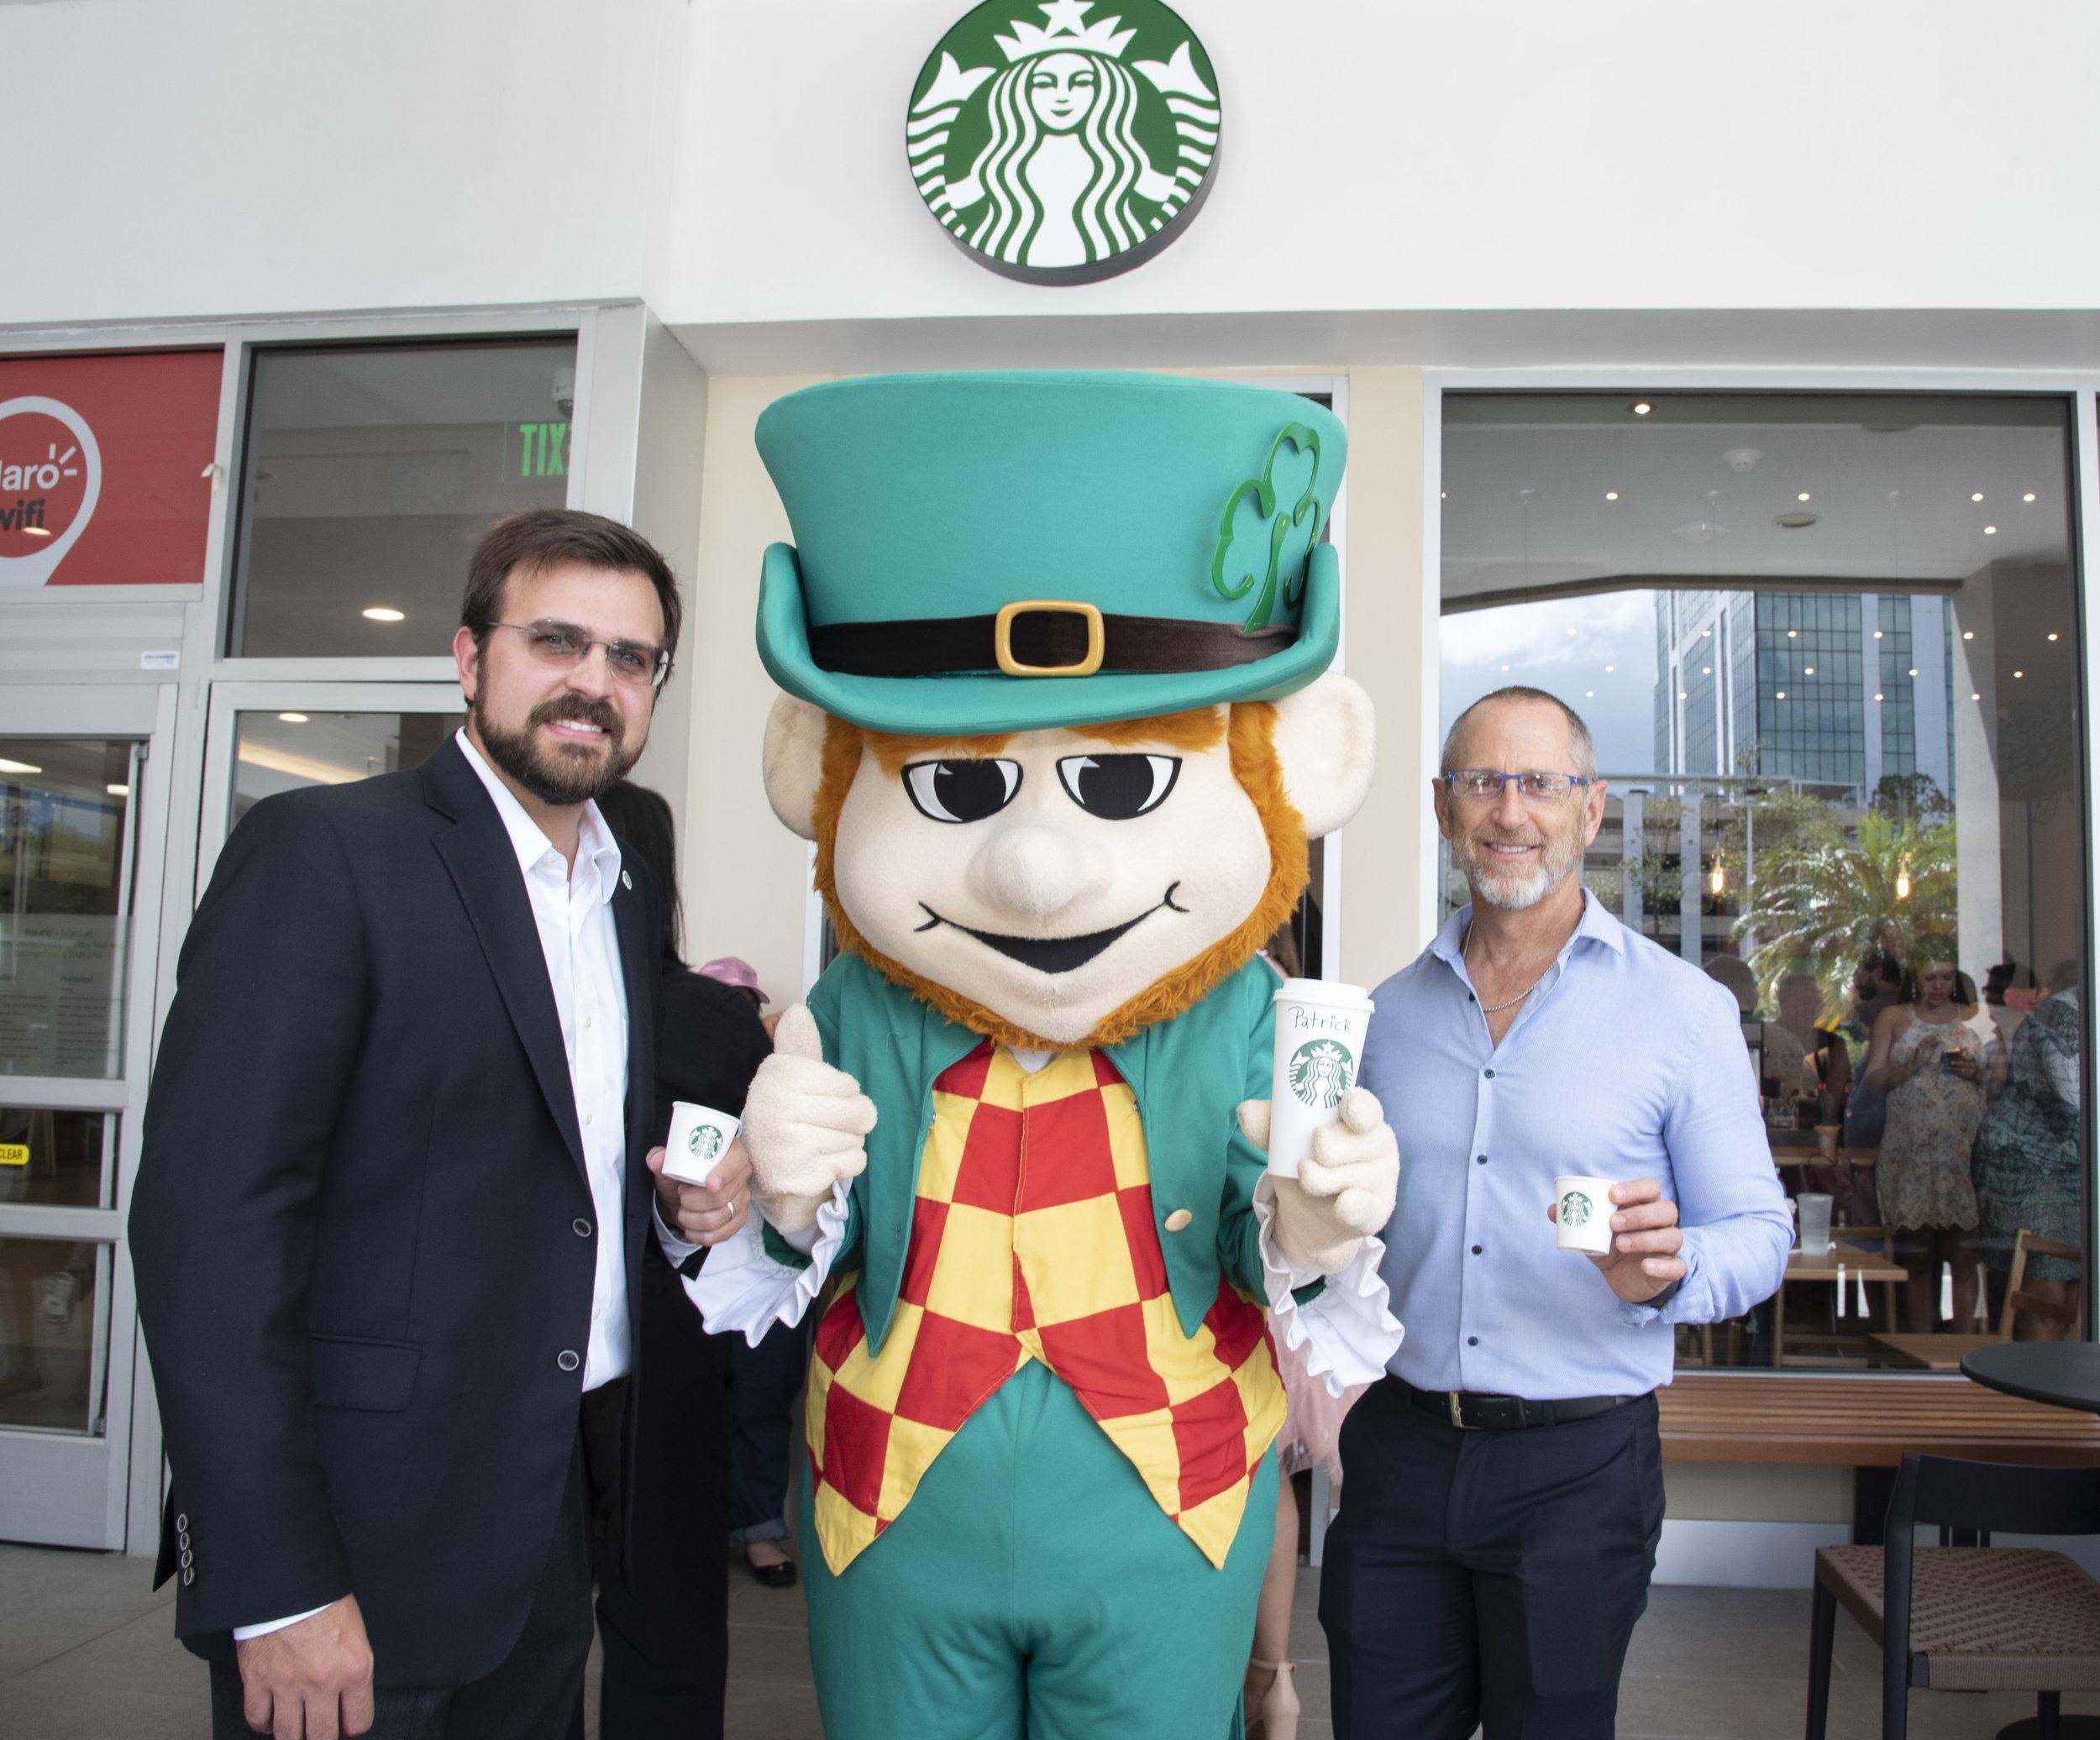 El presidente de Baristas del Caribe, Jaime L. Fonalledas, junto al presidente de Empresas Caparra, Adolfo I. González, comparten una taza de café en la apertura oficial de Starbucks en San Patricio Plaza.